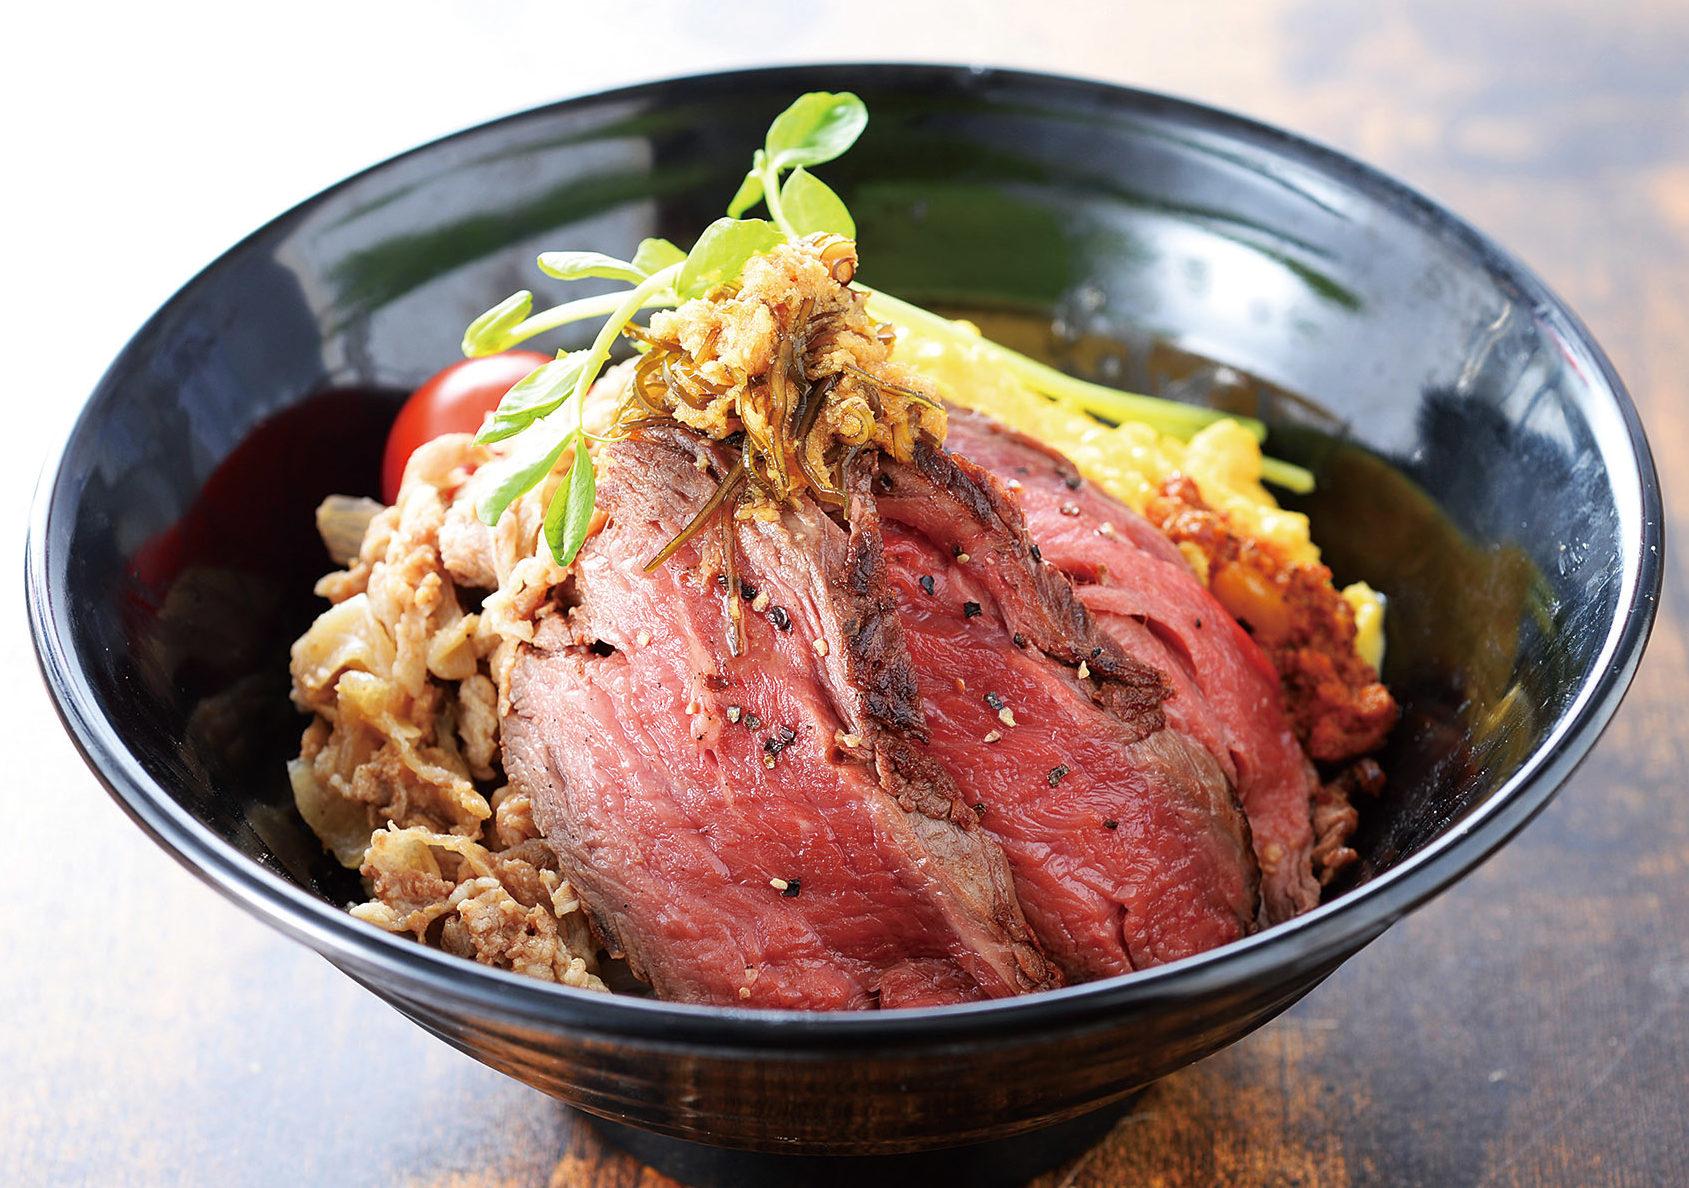 横浜で満喫「初夏の北海道物産展」今年は肉グルメ、パンが充実@そごう横浜店